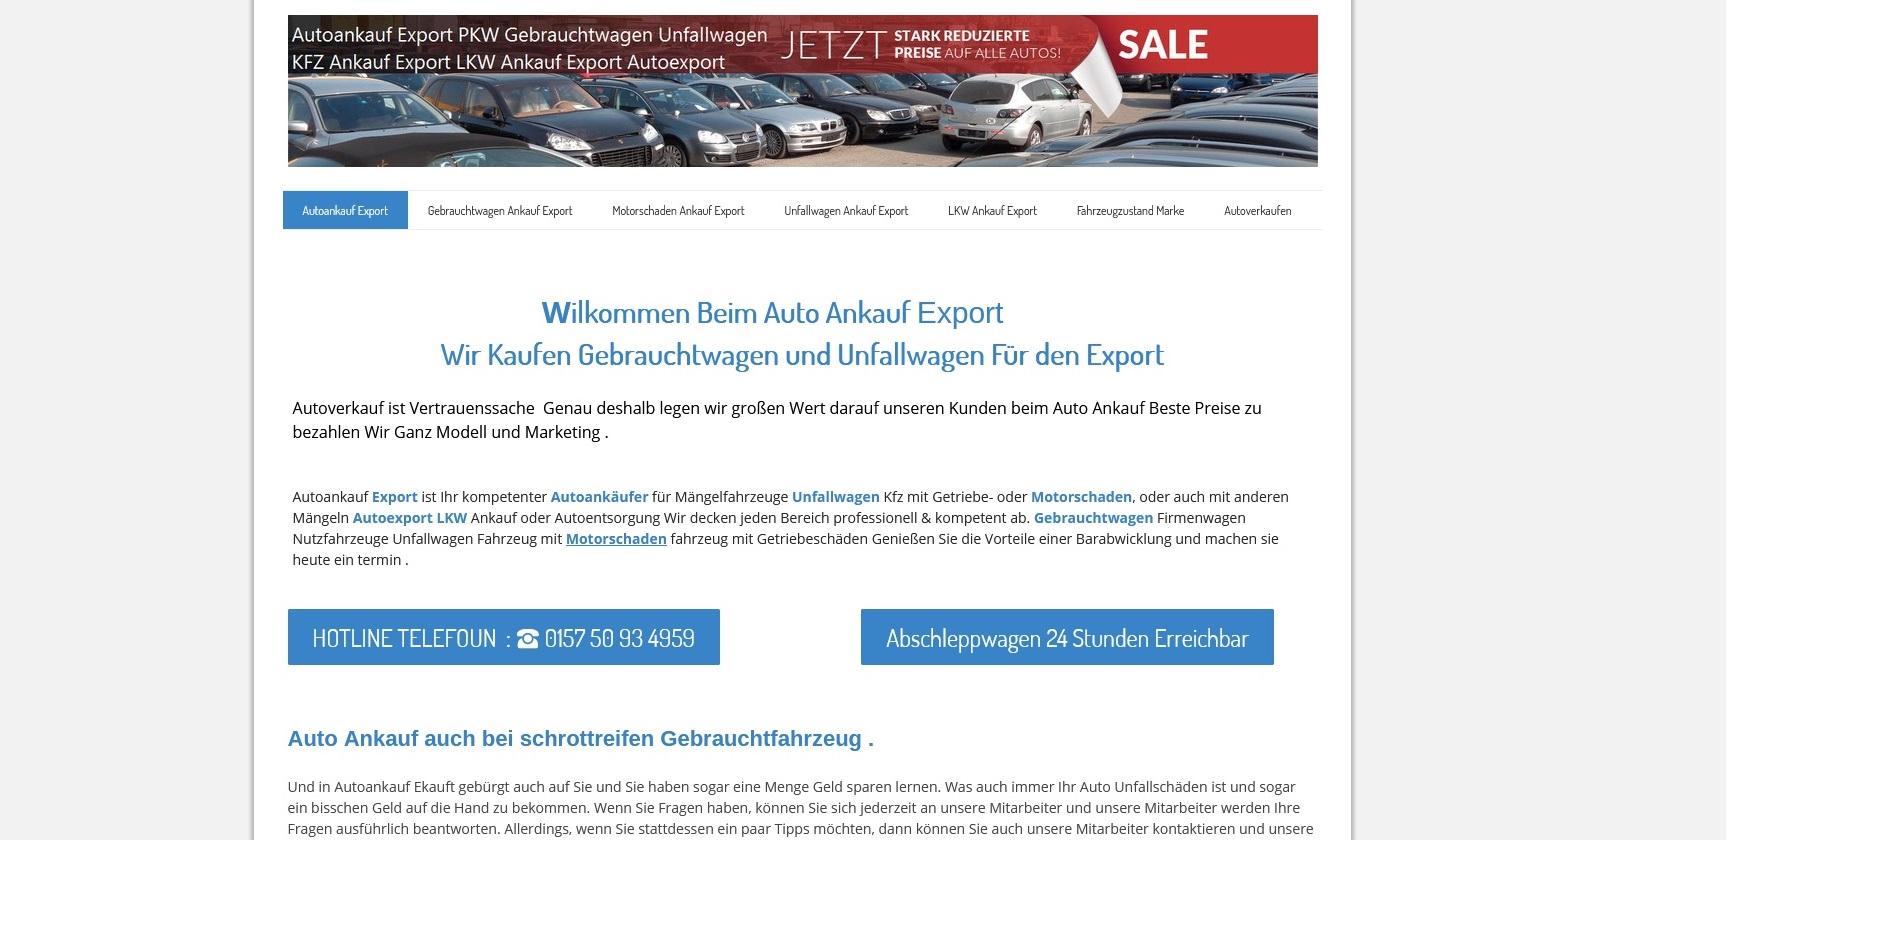 https://www.kfz-ankauf-export.de - Autoankauf Amberg